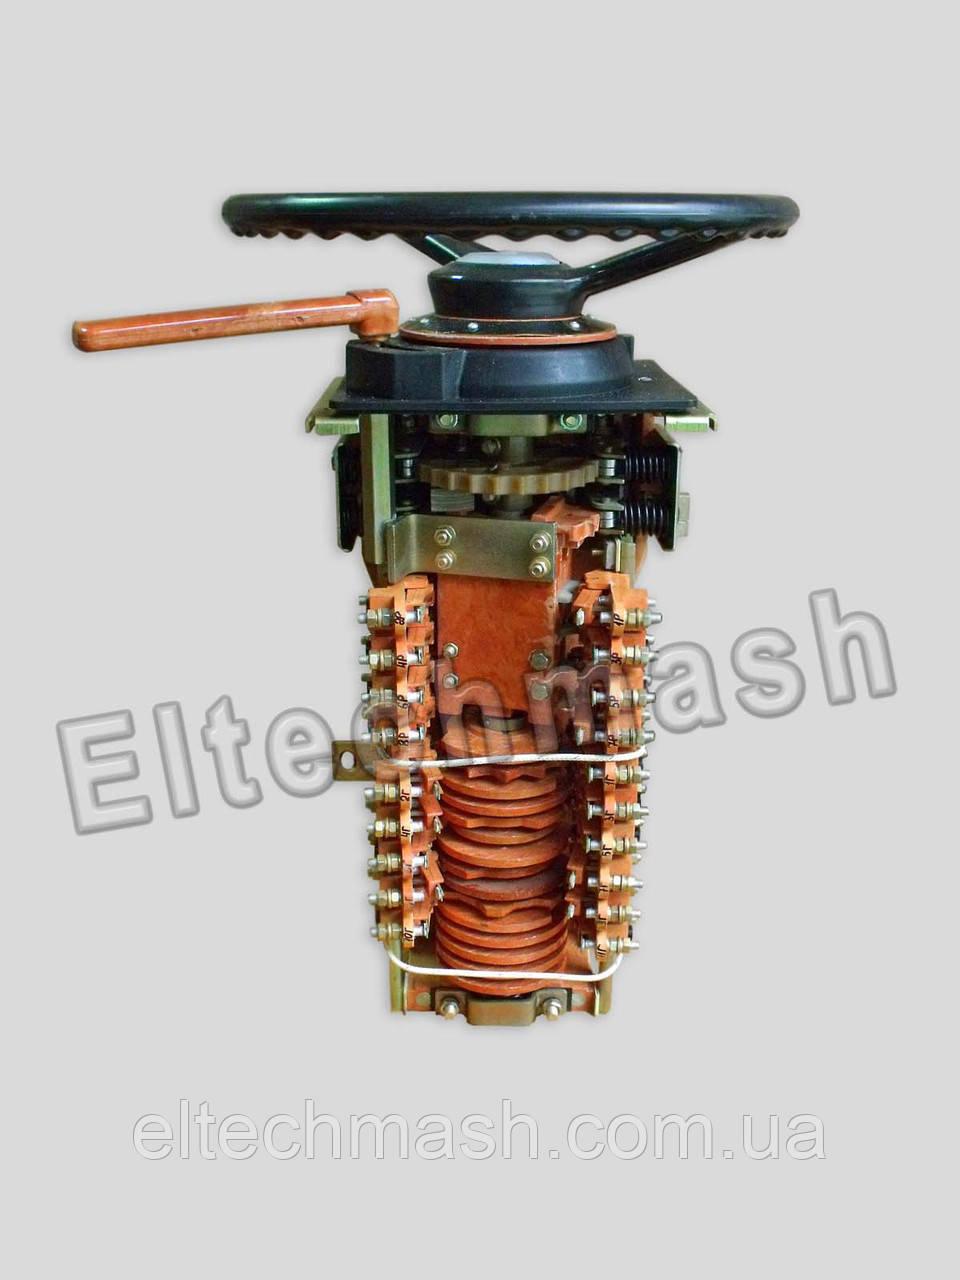 КМ-2009 У3, Контроллер машиниста (ИАКВ.643122.004-24)